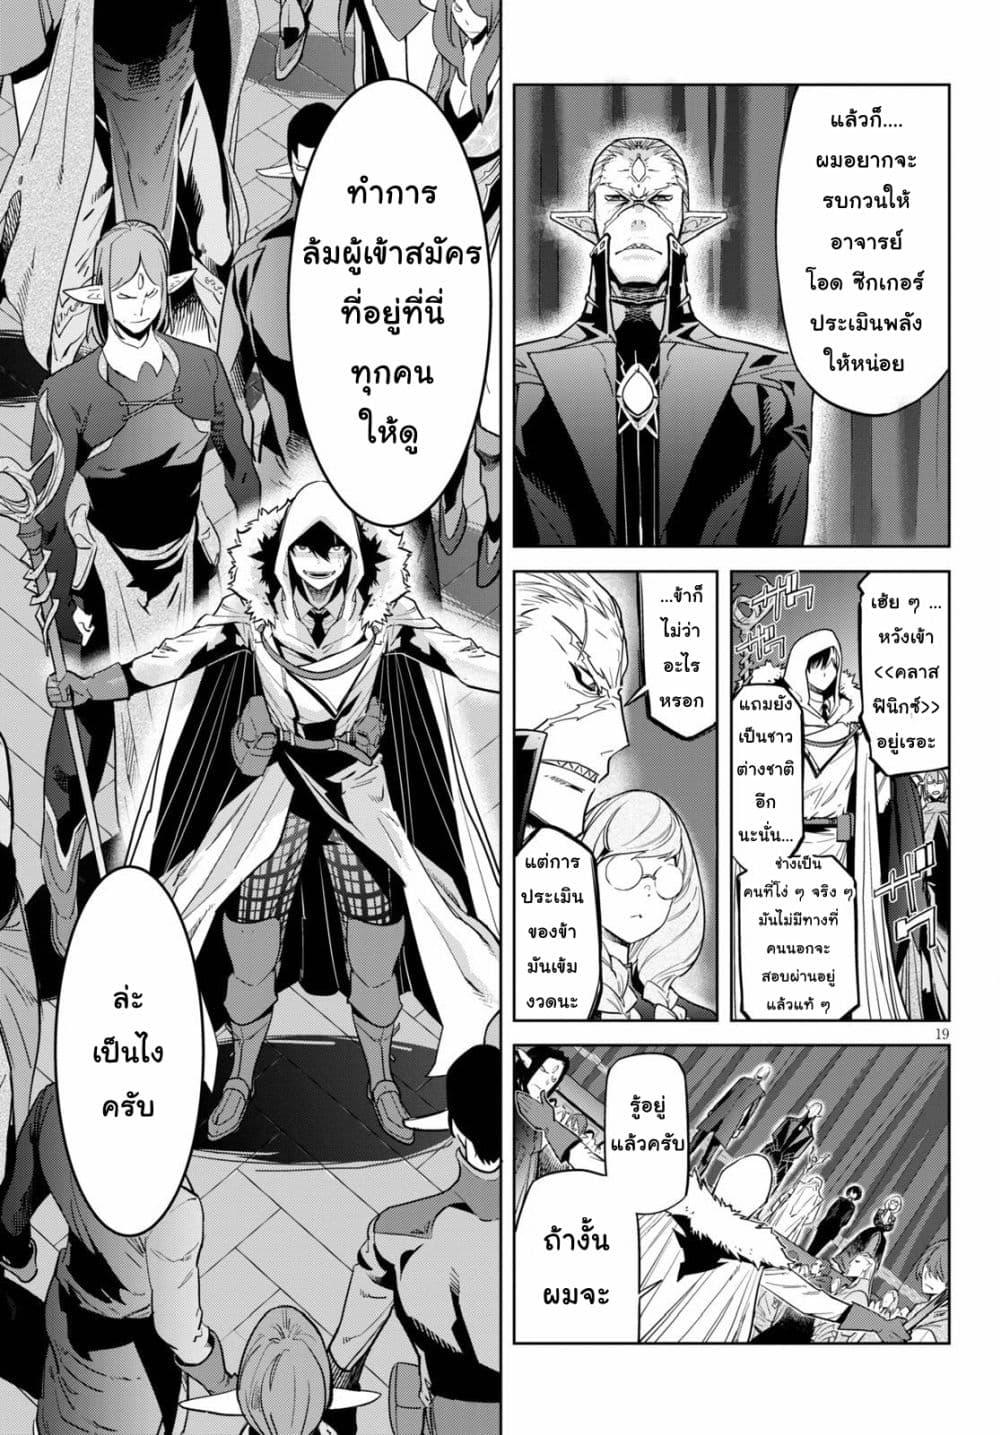 อ่านการ์ตูน Game obu Familia - Family Senki ตอนที่ 21 หน้าที่ 21